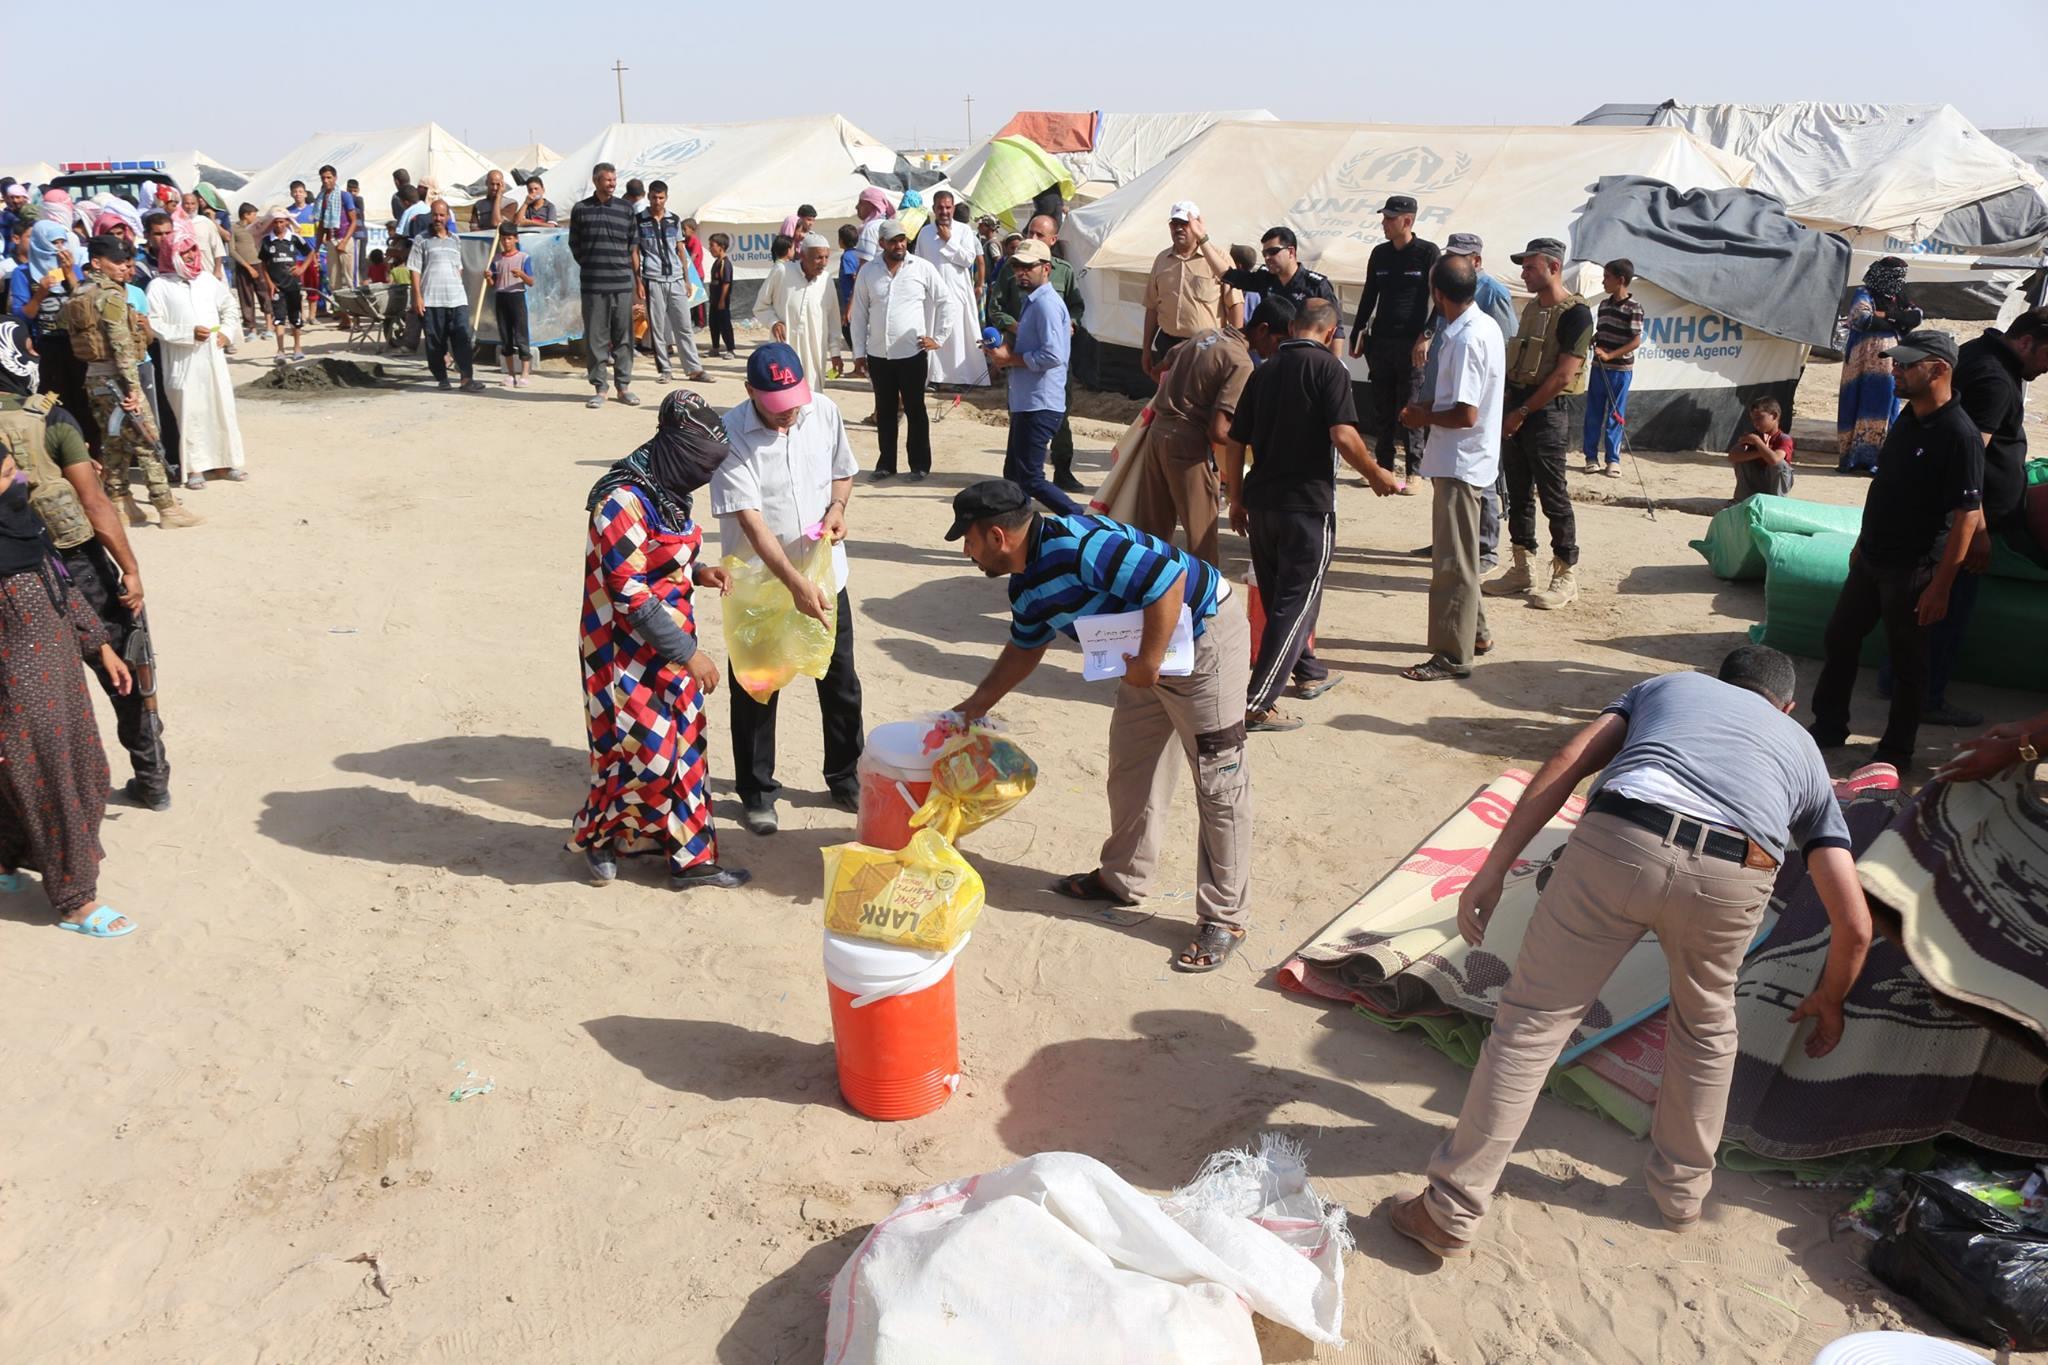 منتسبو جامعتي الانبار والفلوجة يتبرعون بـ1650 سلة غذائية على نازحي المحافظة